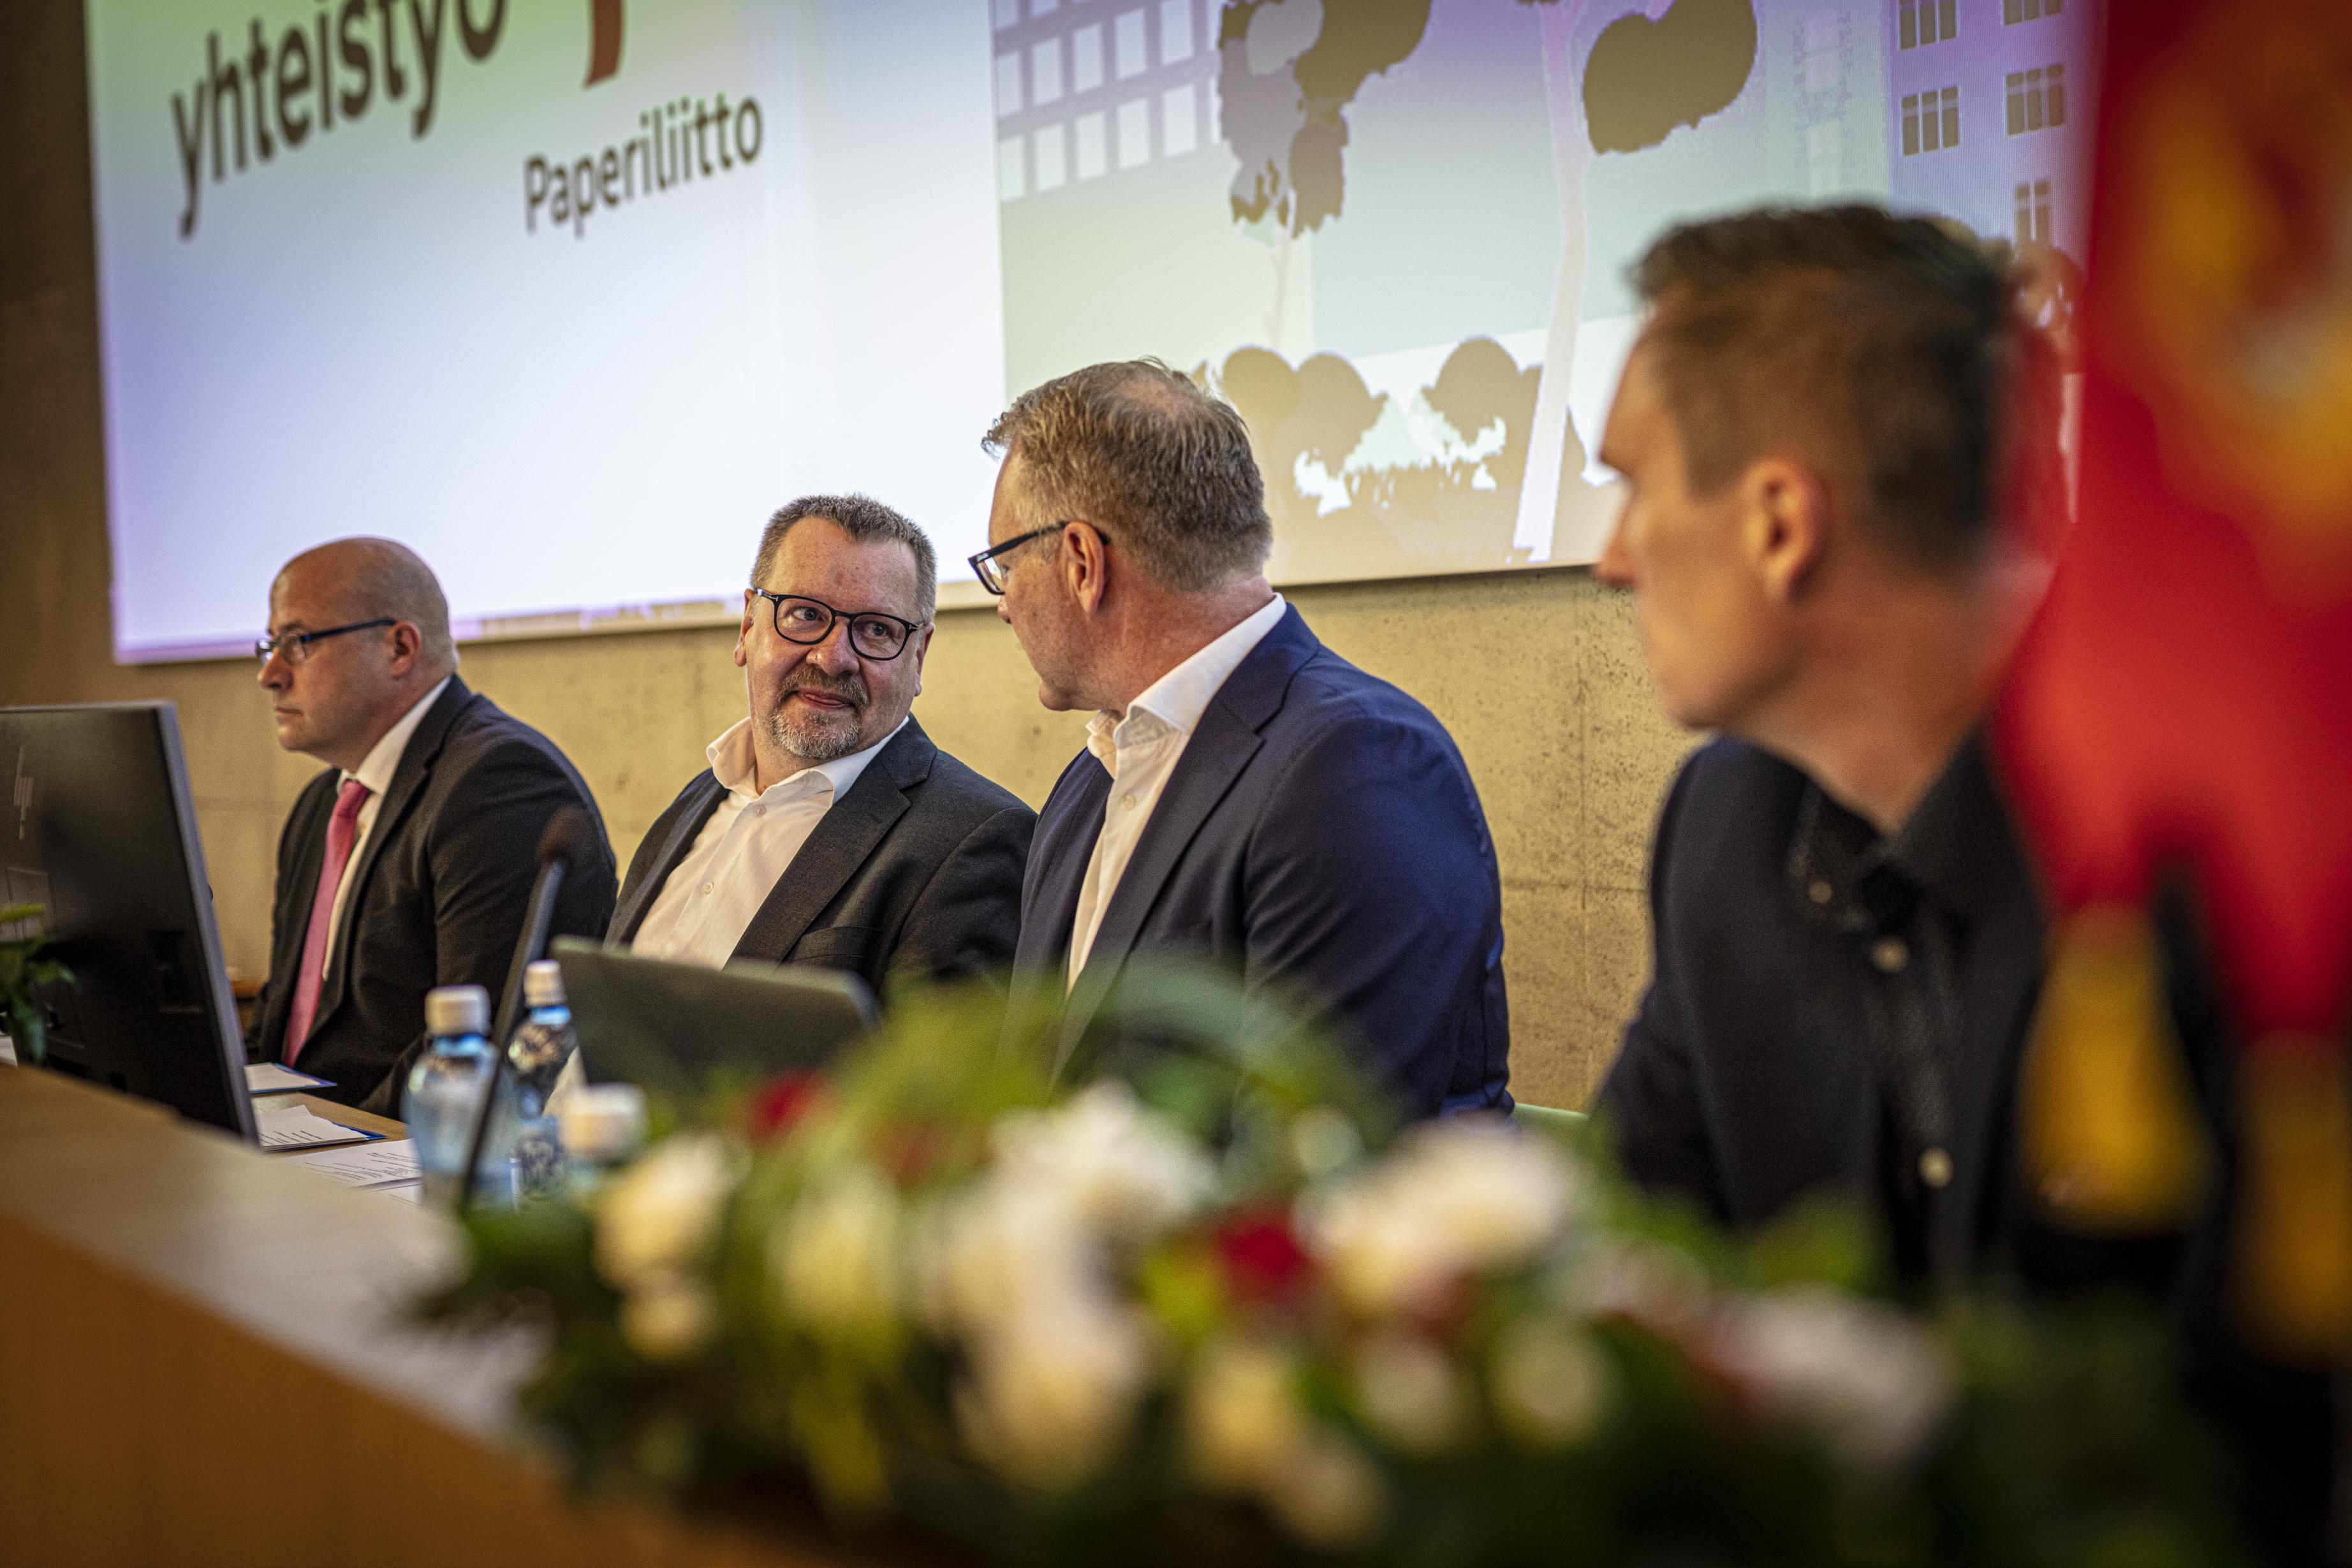 Paperiliiton liittokokous linjasi kesäkuussa, että liitto neuvottelee yrityskohtaiset työehdot jäsenten puolesta. Liittokokousta vetämässä 17.6.2021 Juhani Siira, Jouko Aitonurmi, Petri Vanhala ja Ville Nevala.